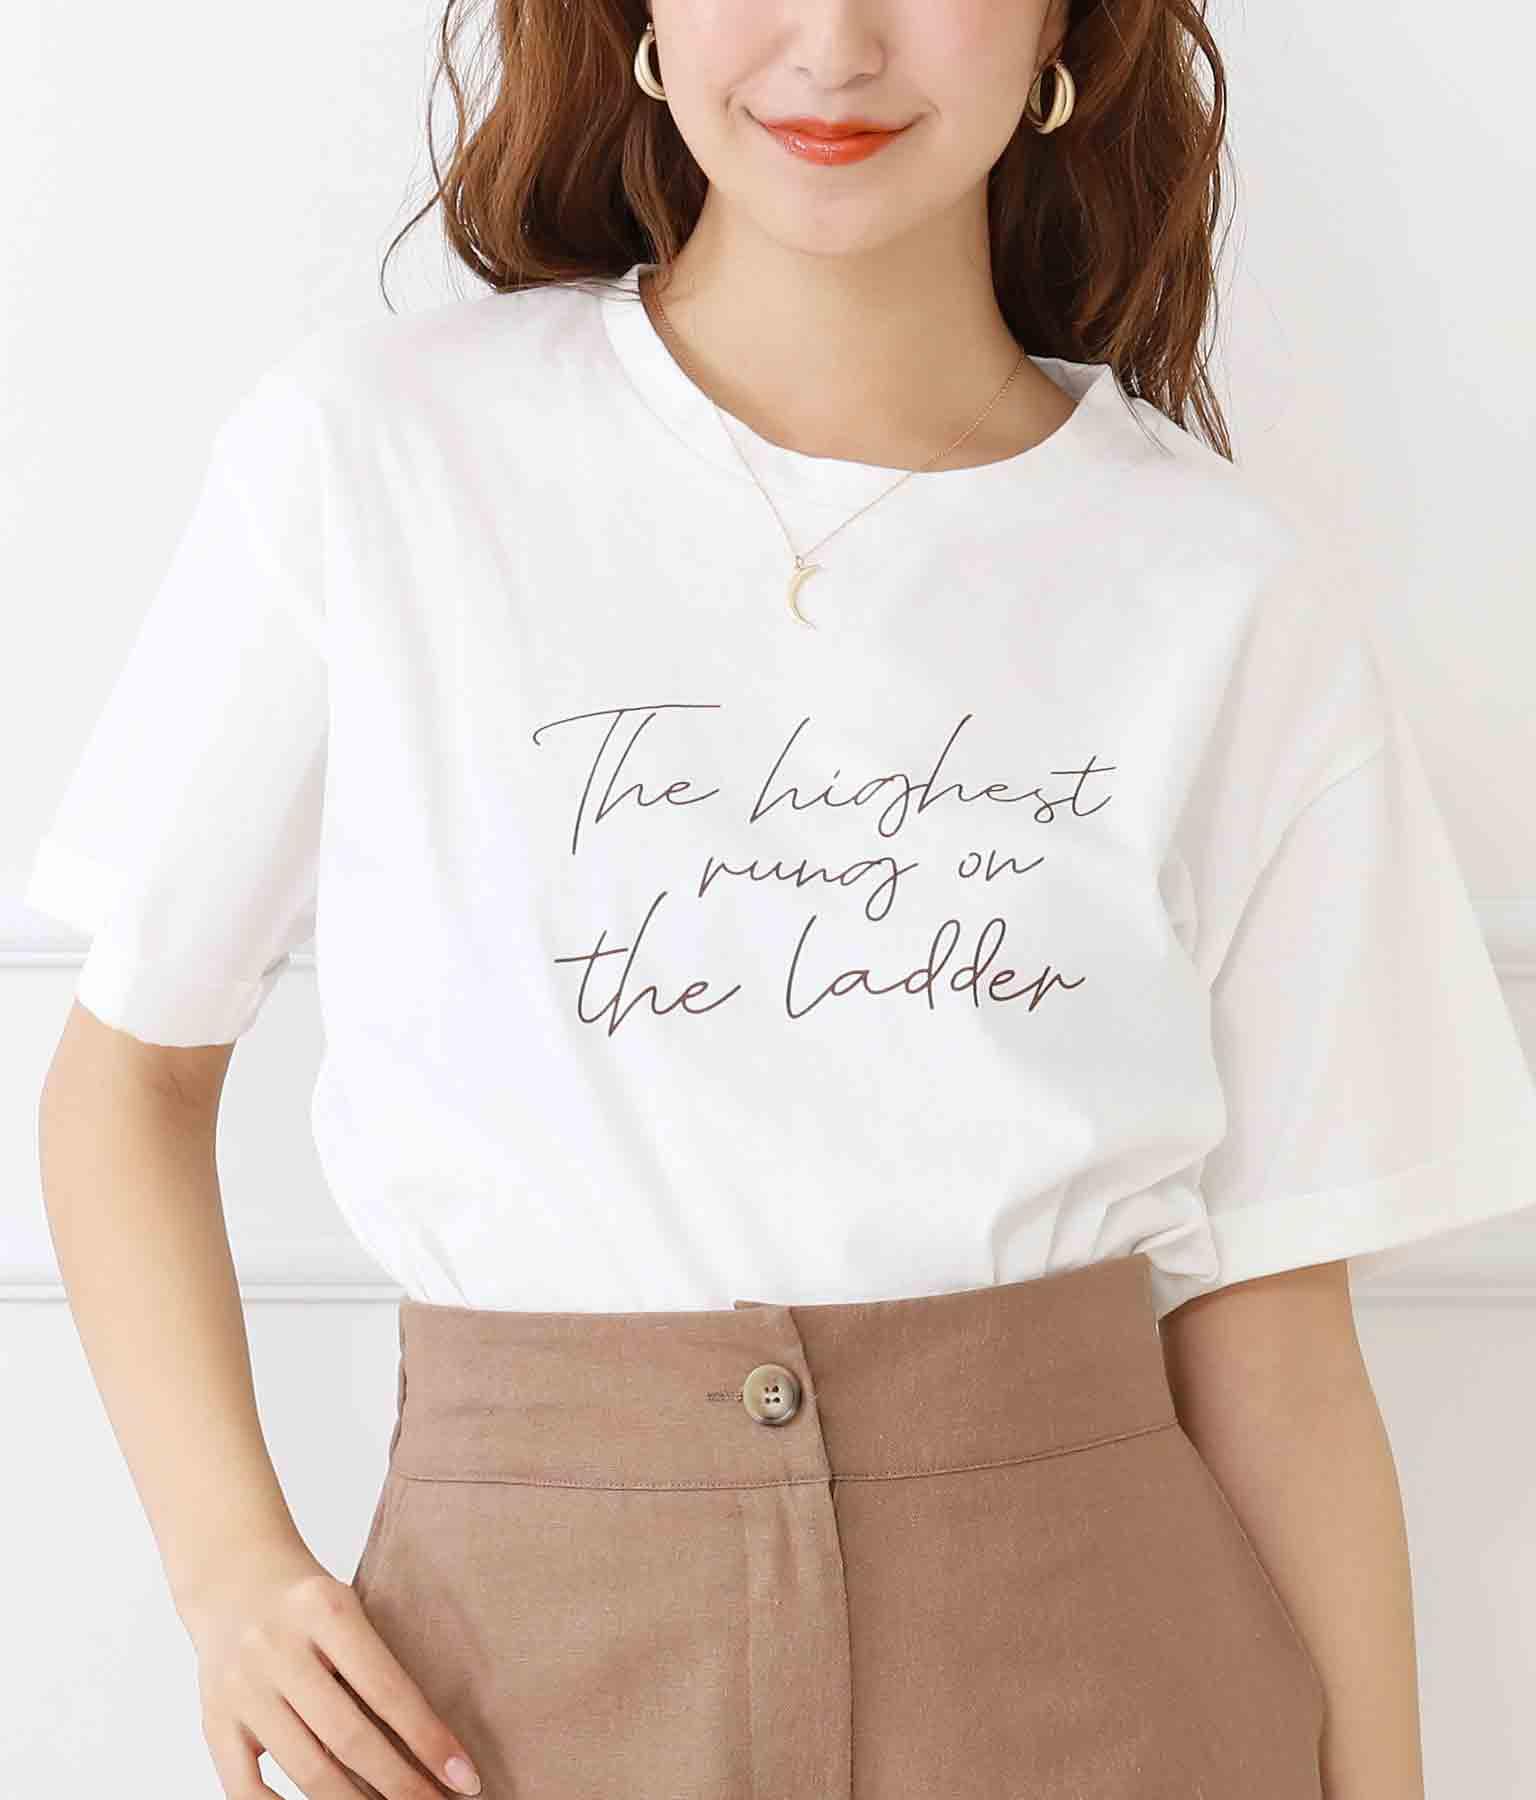 CHILLE anap メッセージカラープリントTシャツ